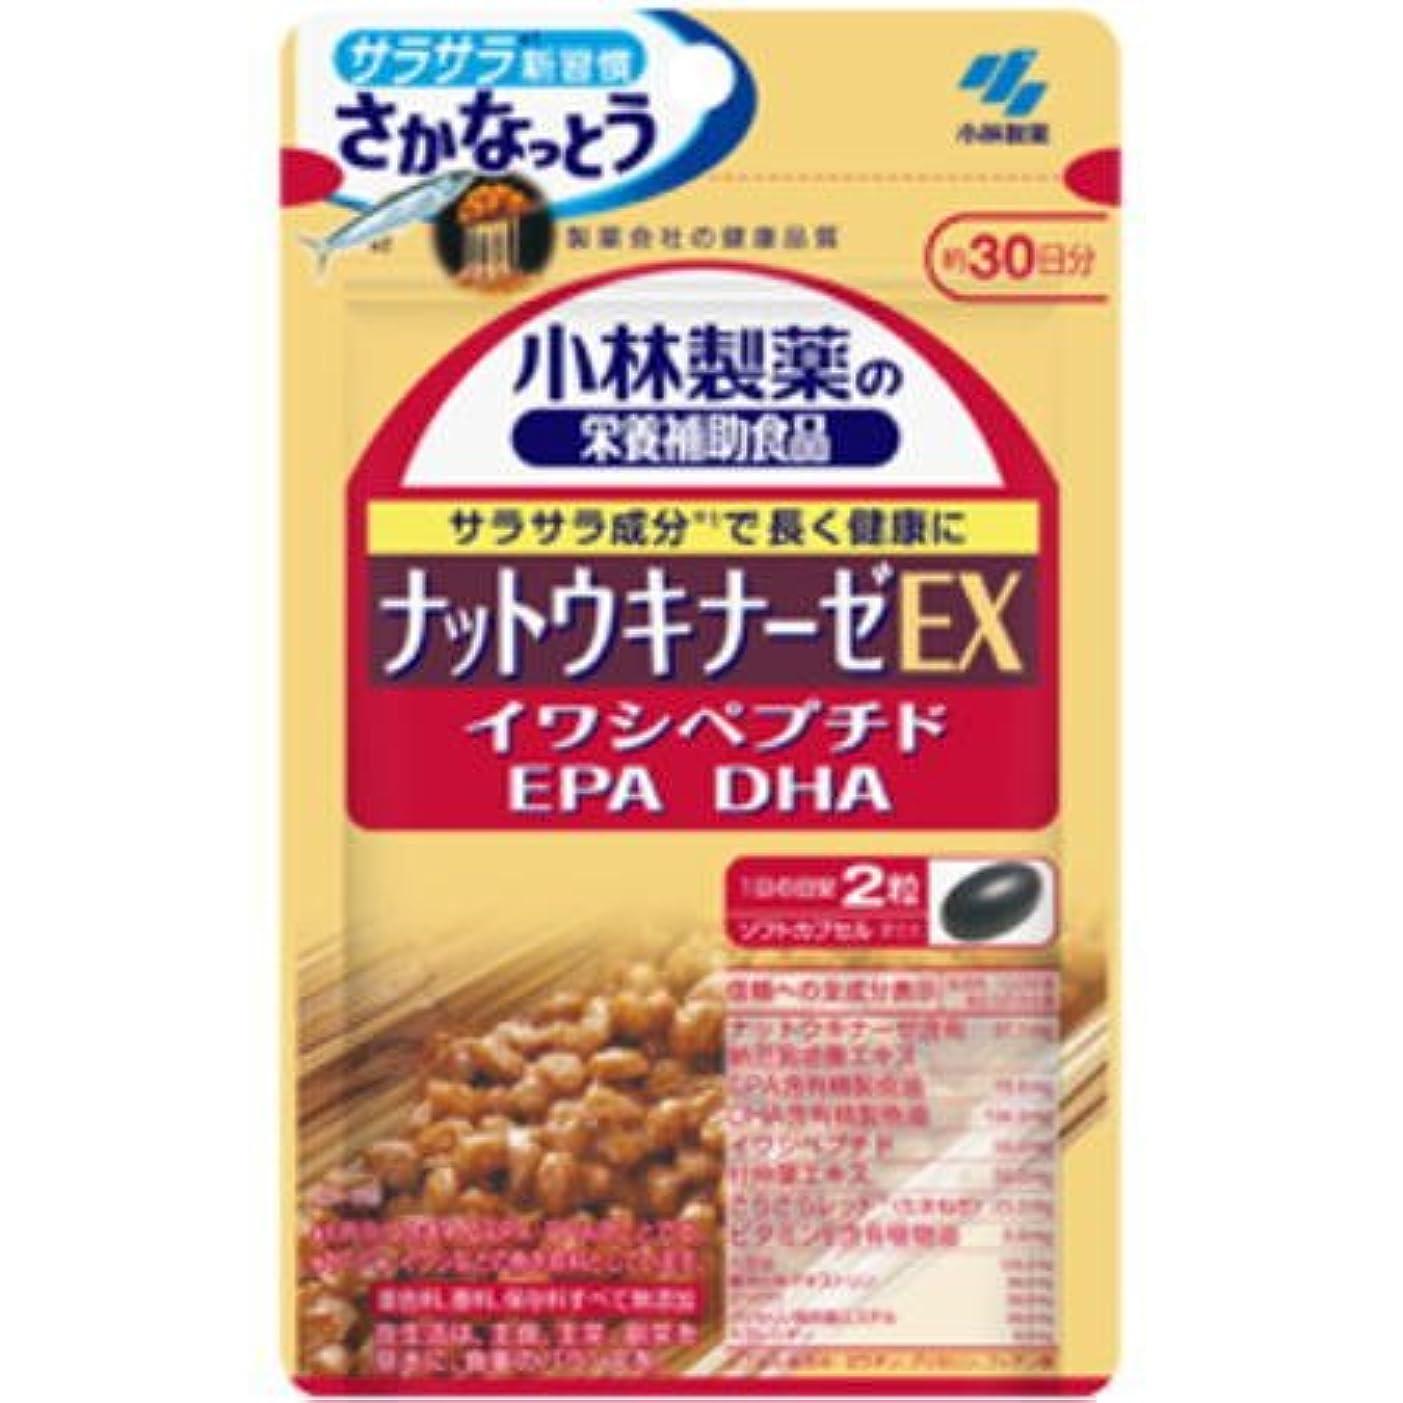 融合ポスト印象派伝記【小林製薬】ナットウキナーゼEX 60粒(お買い得3個セット)